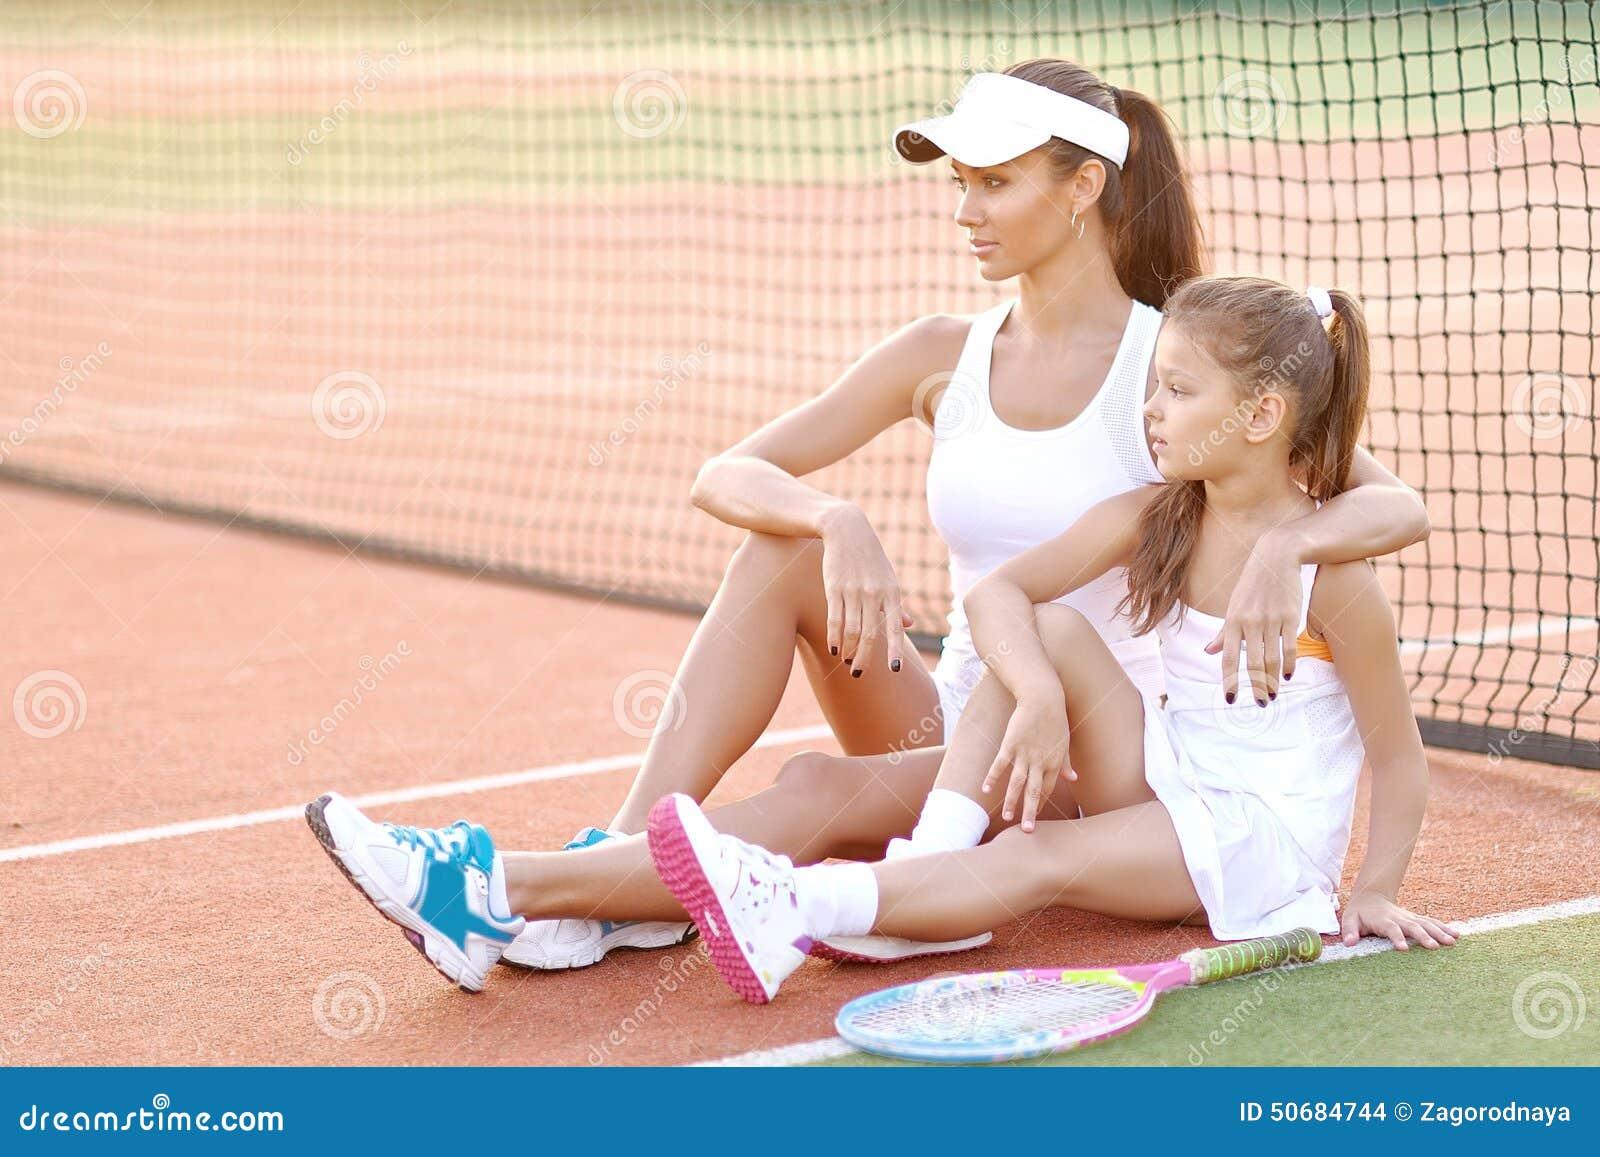 Download 母亲和女儿纵向 库存照片. 图片 包括有 女儿, 消遣, 体育运动, 现场, 户外, 网球, 领导, 培训人 - 50684744